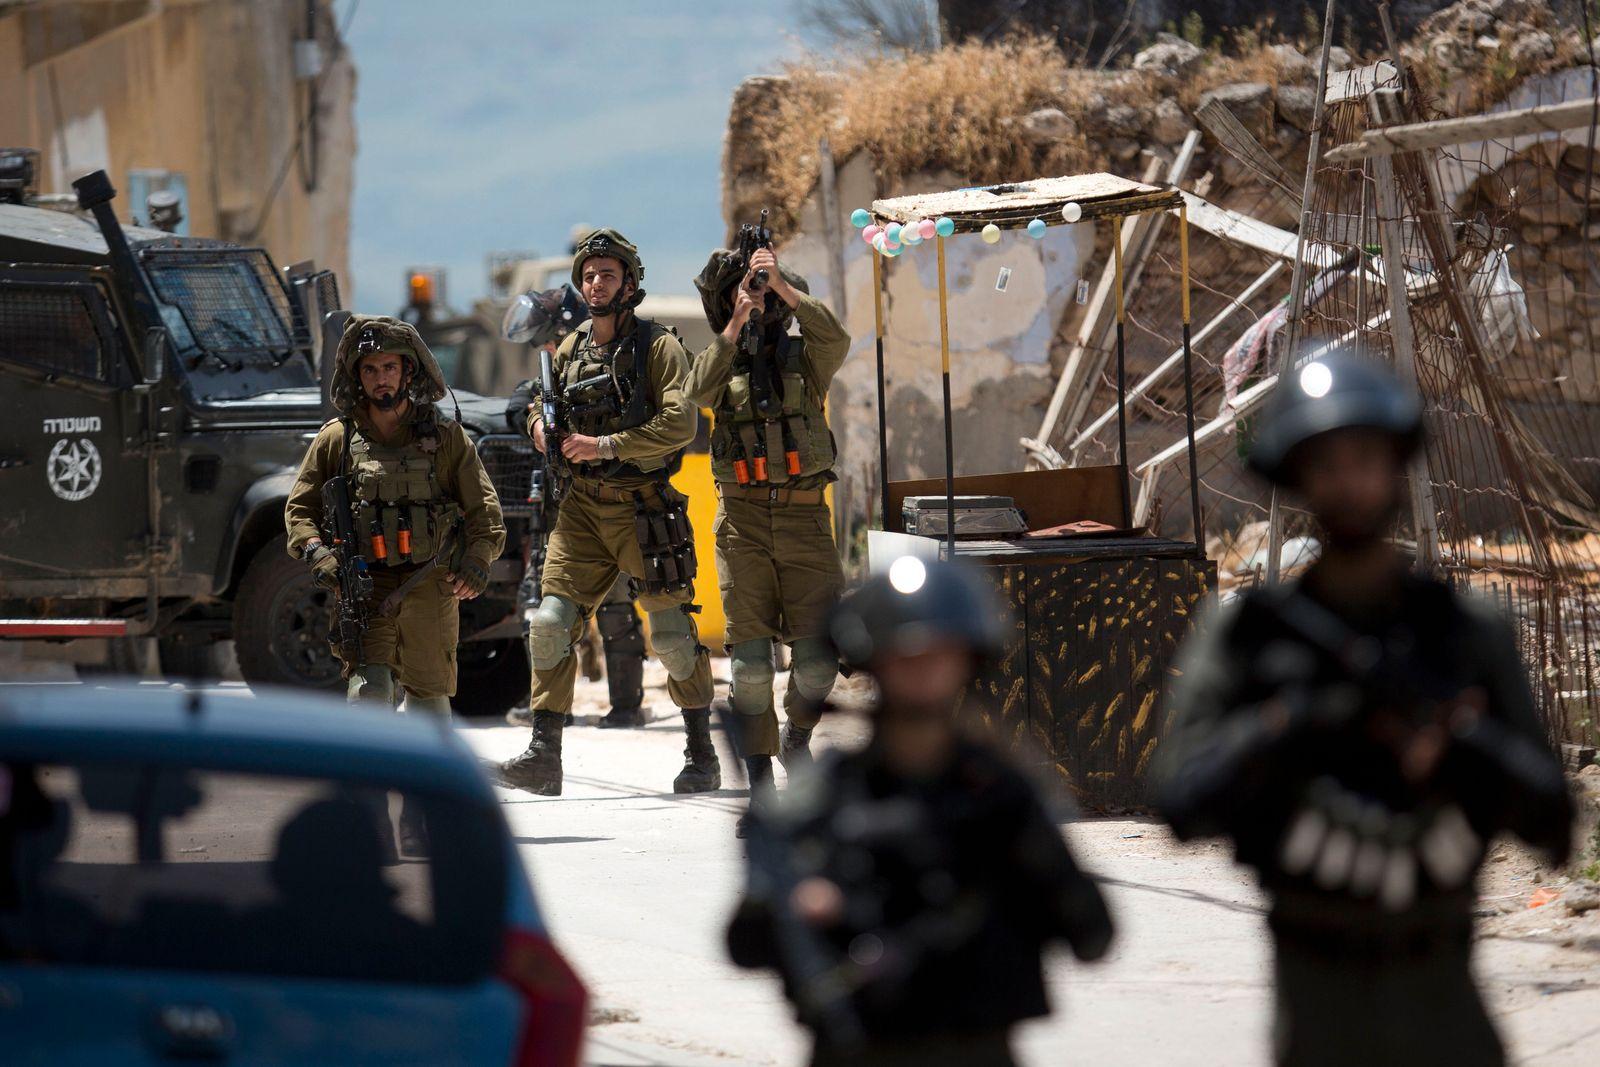 Israelischer Soldat bei Einsatz im Westjordanland getötet